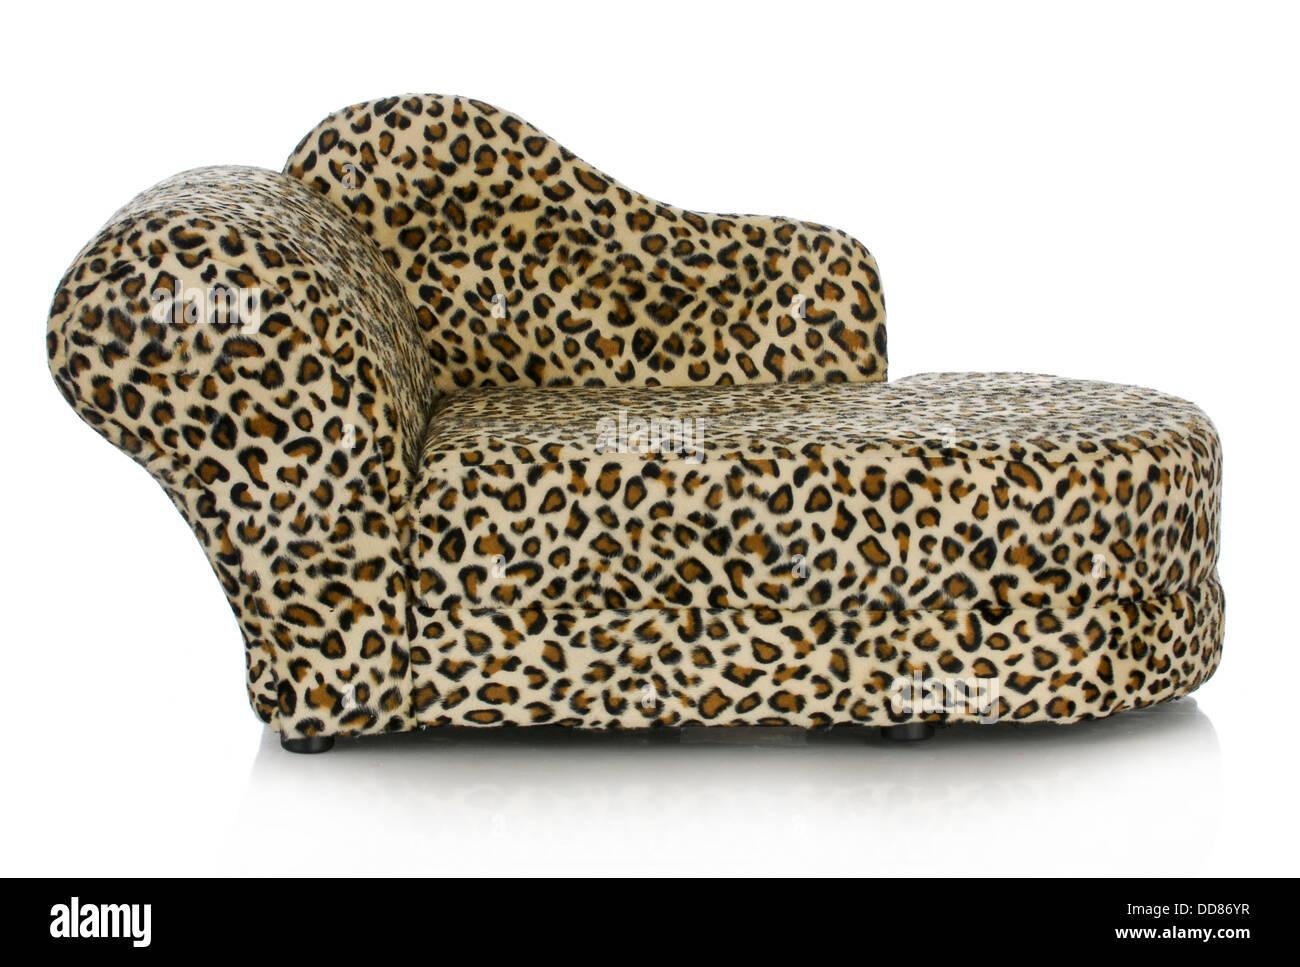 Faszinierend Ausgefallene Couch Ideen Von Hundebett - Hund Mit Reflexion Isoliert Auf